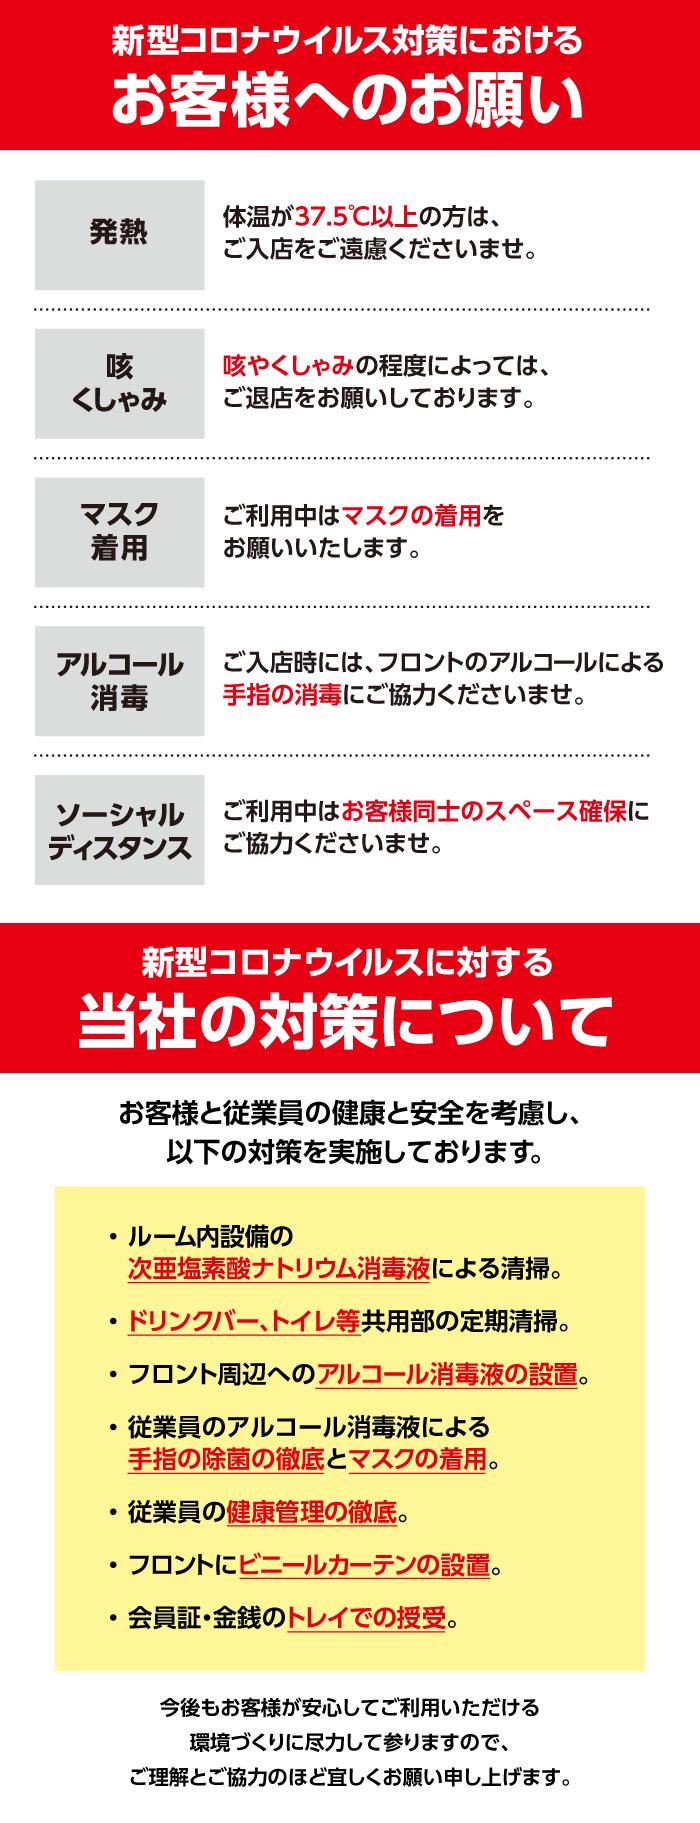 松江ネカフェコロナ